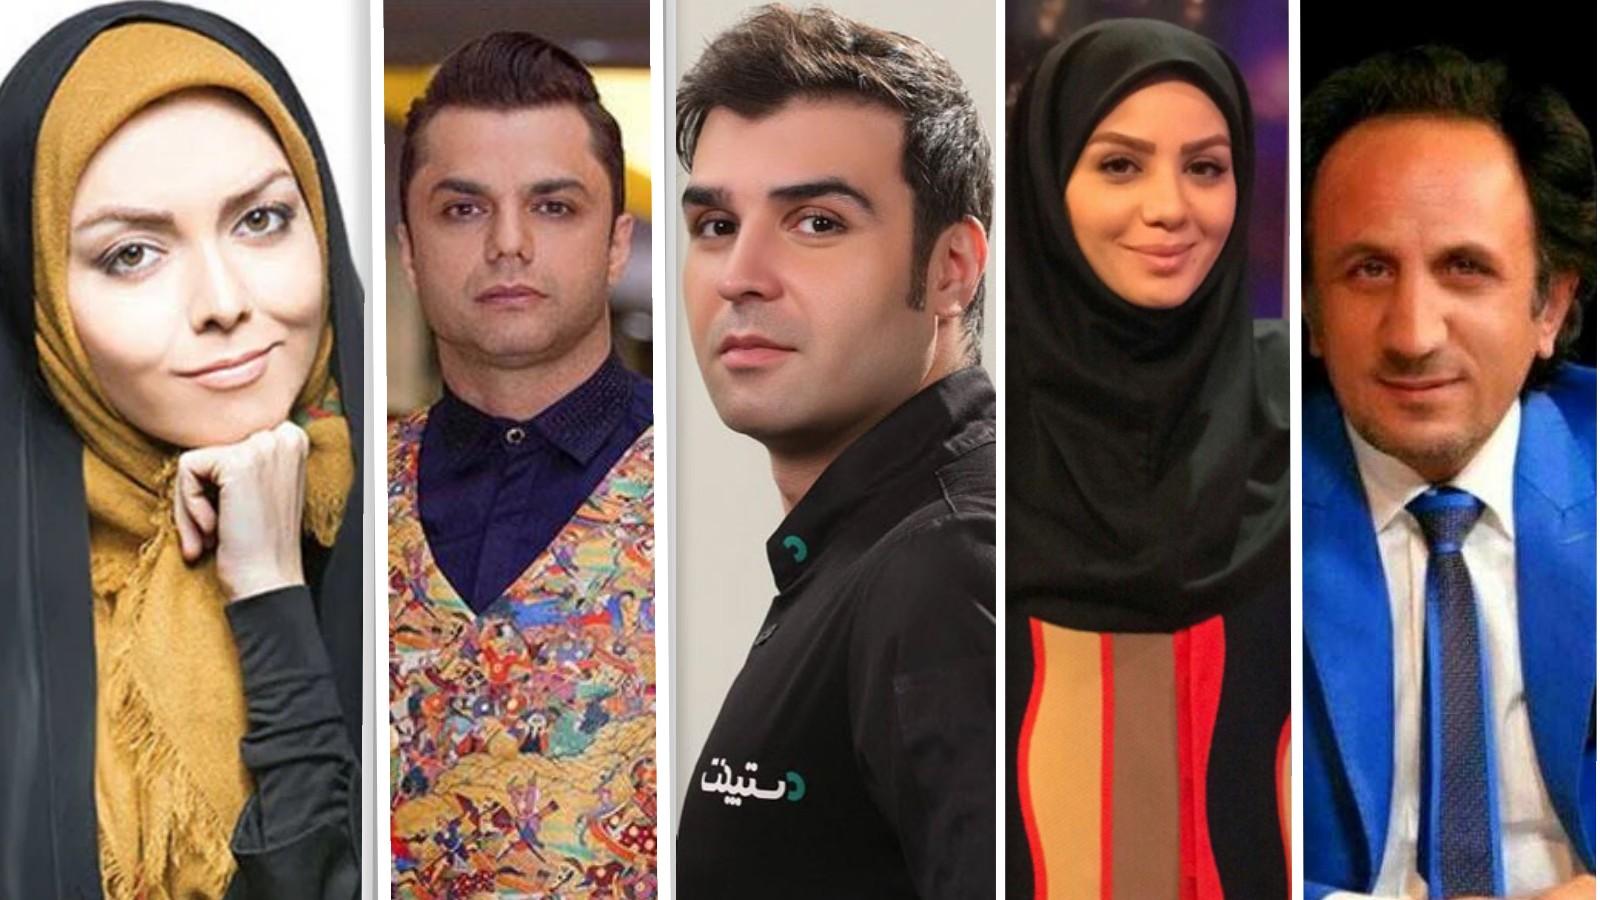 از کارشناس مسابقه آشپزی تا ماجرای آرش ظلیپور و فراستی